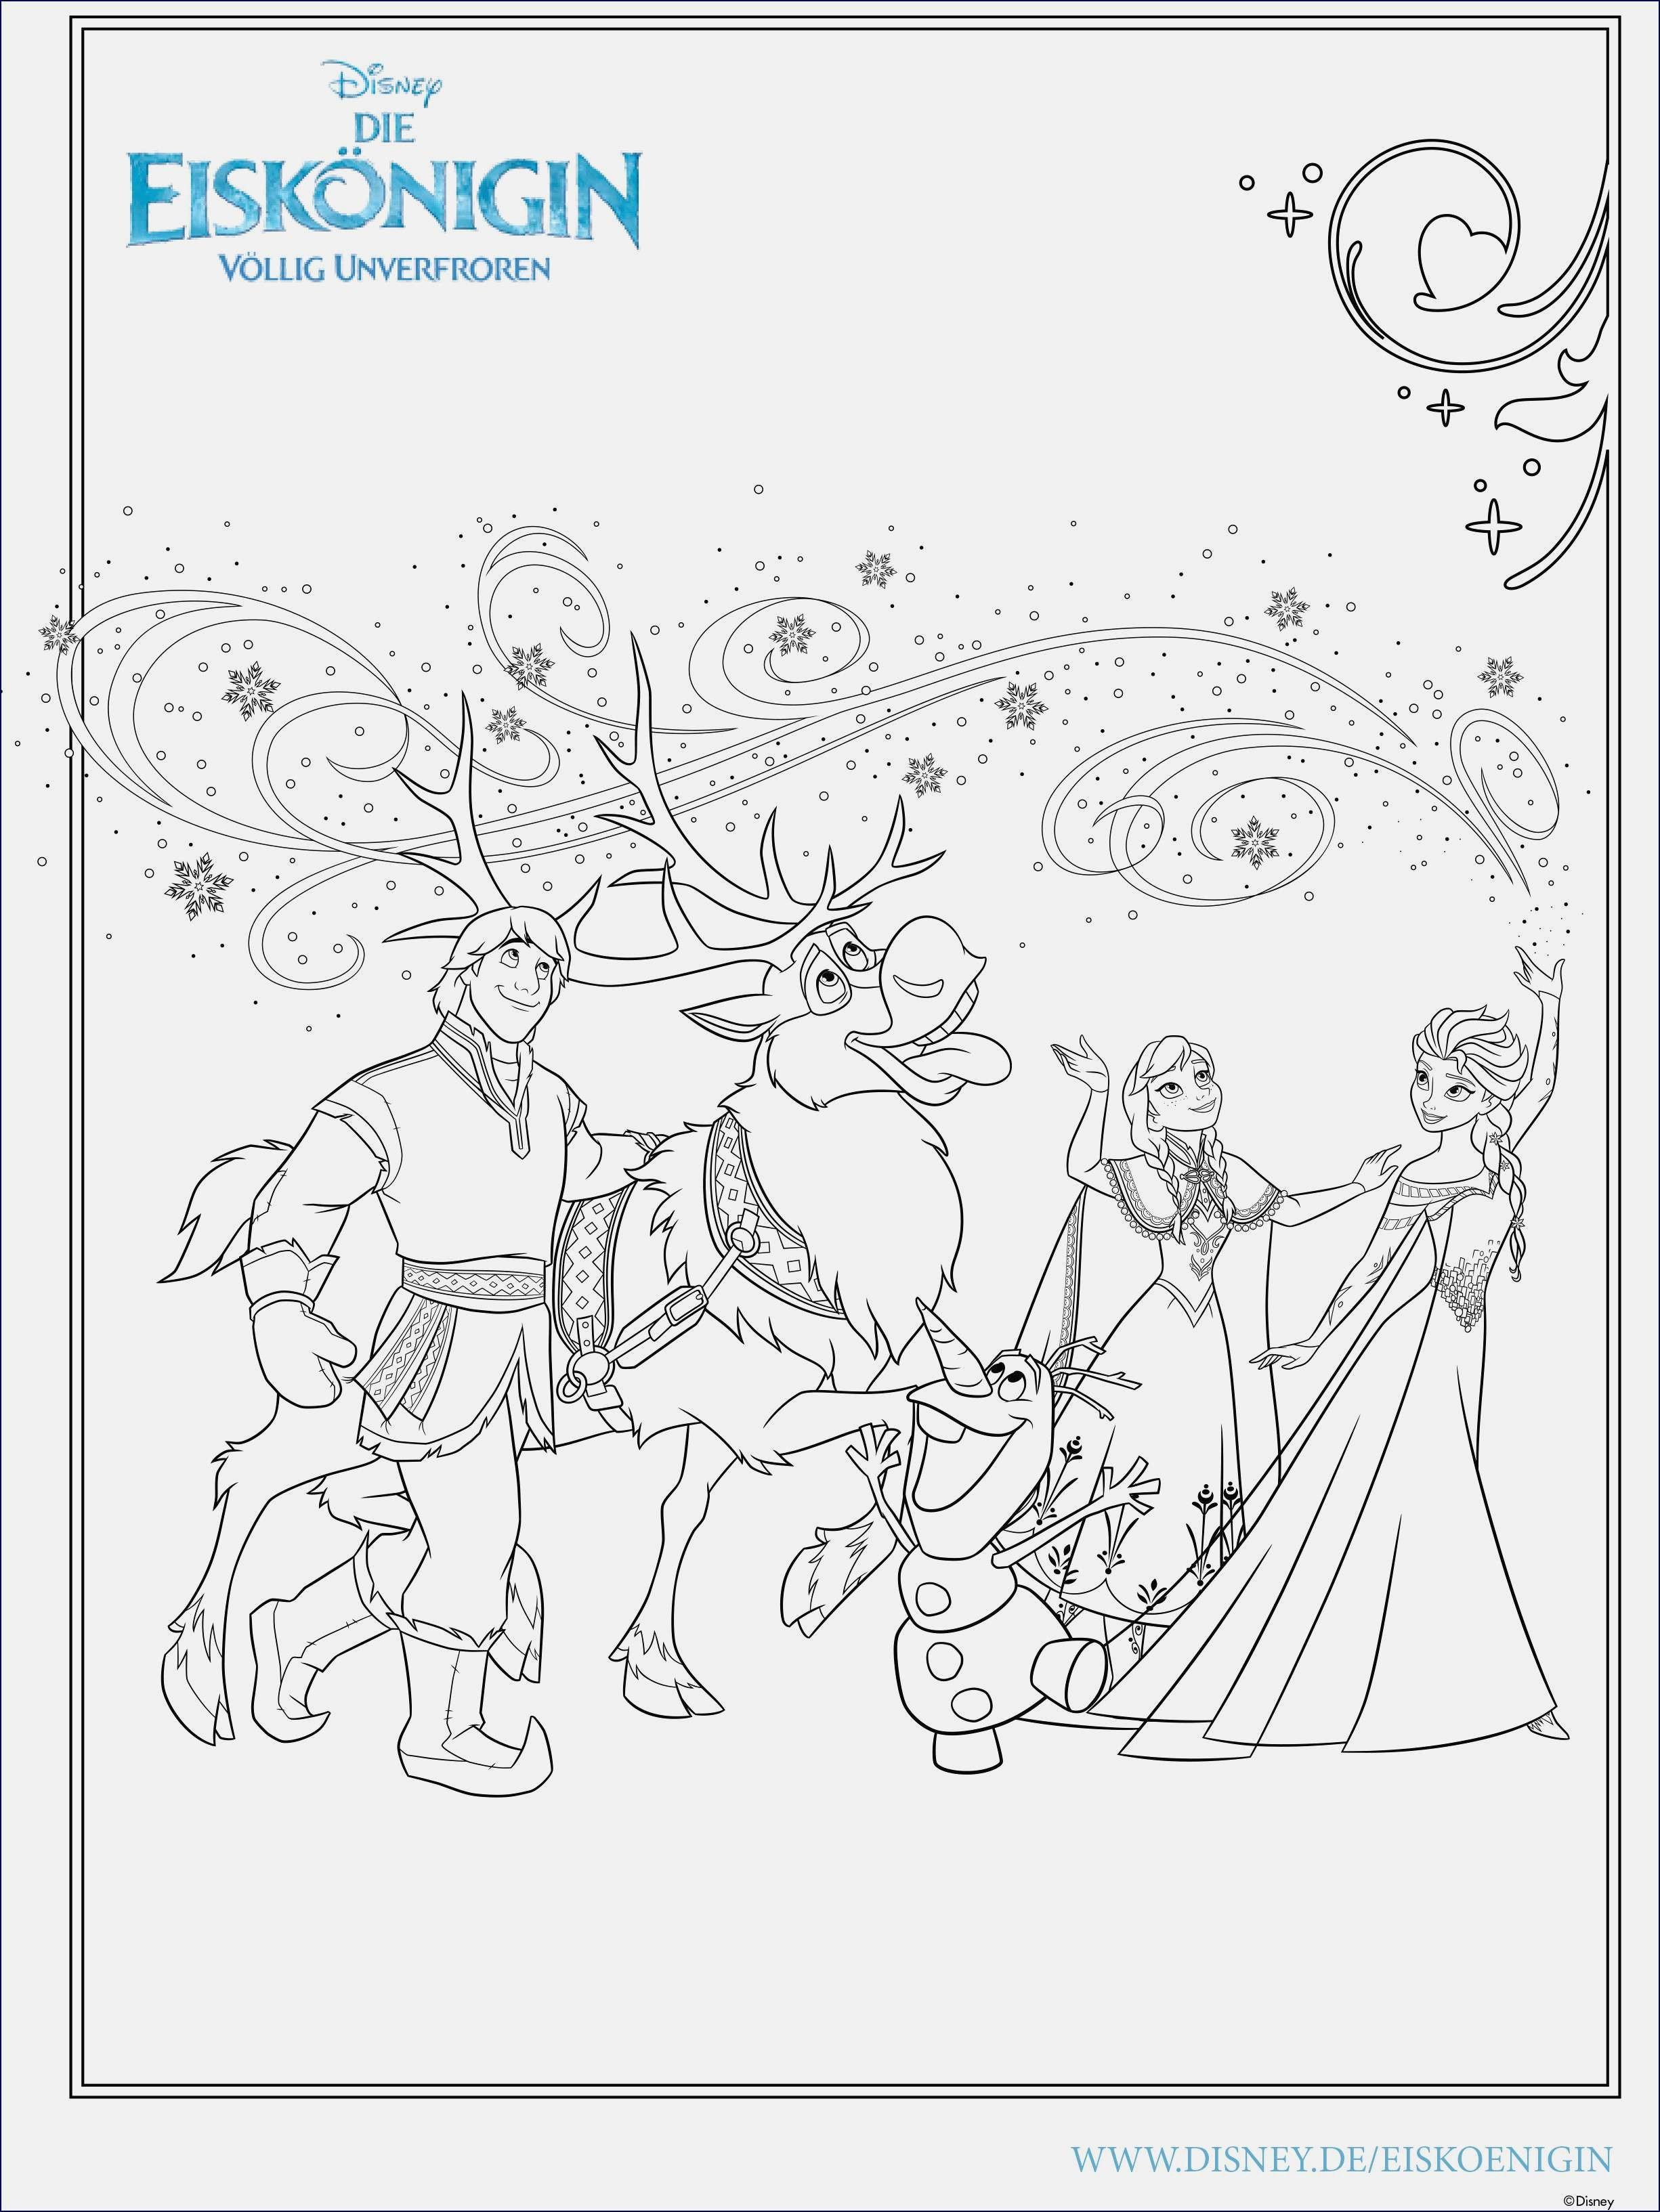 Disney Weihnachtsbilder Ausmalen Genial Malvorlagen Kostenlos Lernspiele Färbung Bilder topmodel Zum Sammlung